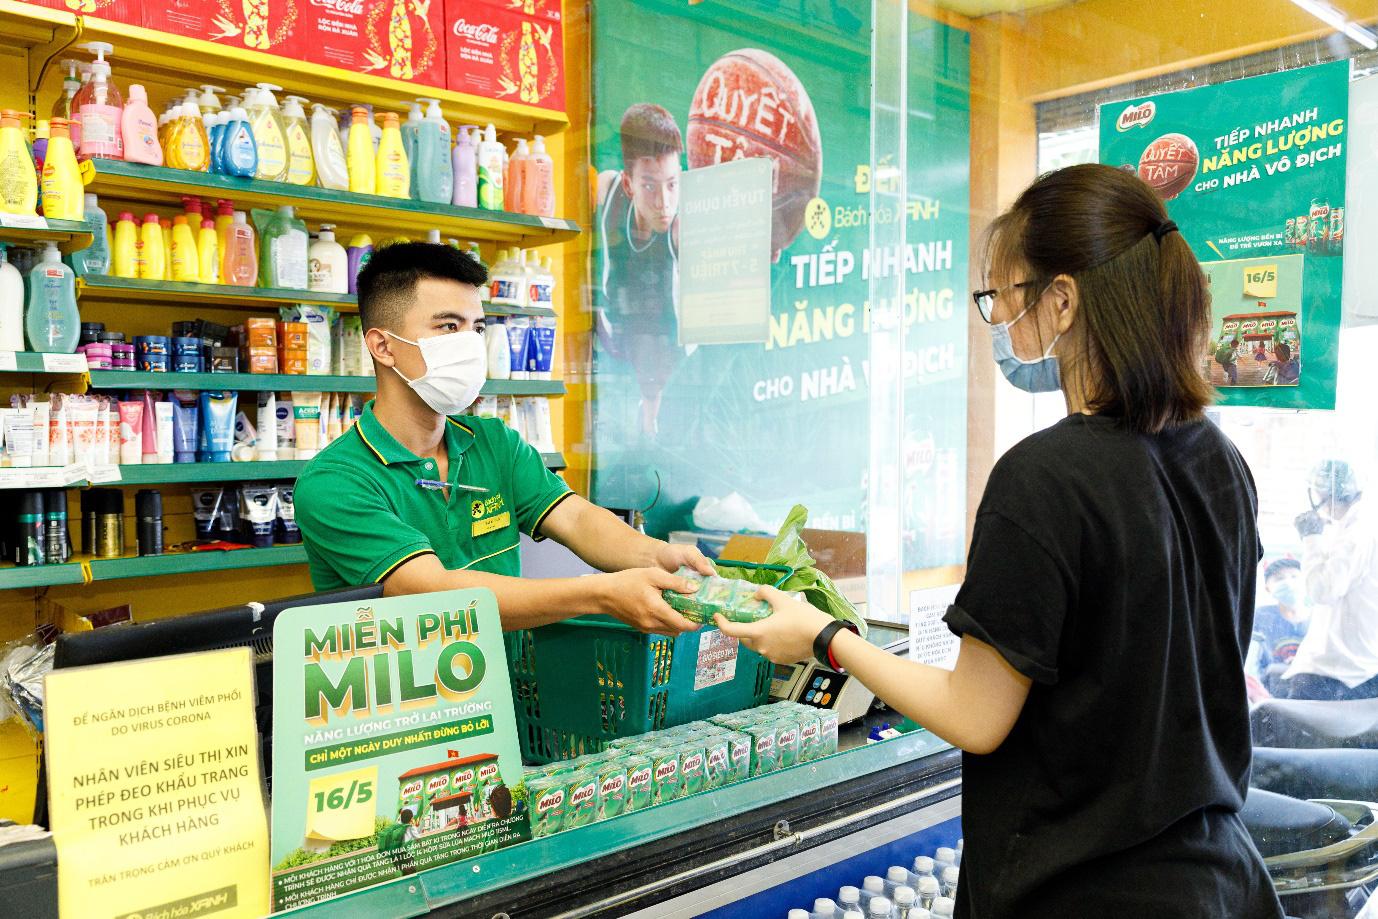 """MILO tặng 2 triệu hộp sữa tiếp thêm năng lượng cho trẻ hào hứng """"back to school"""" - Ảnh 1."""